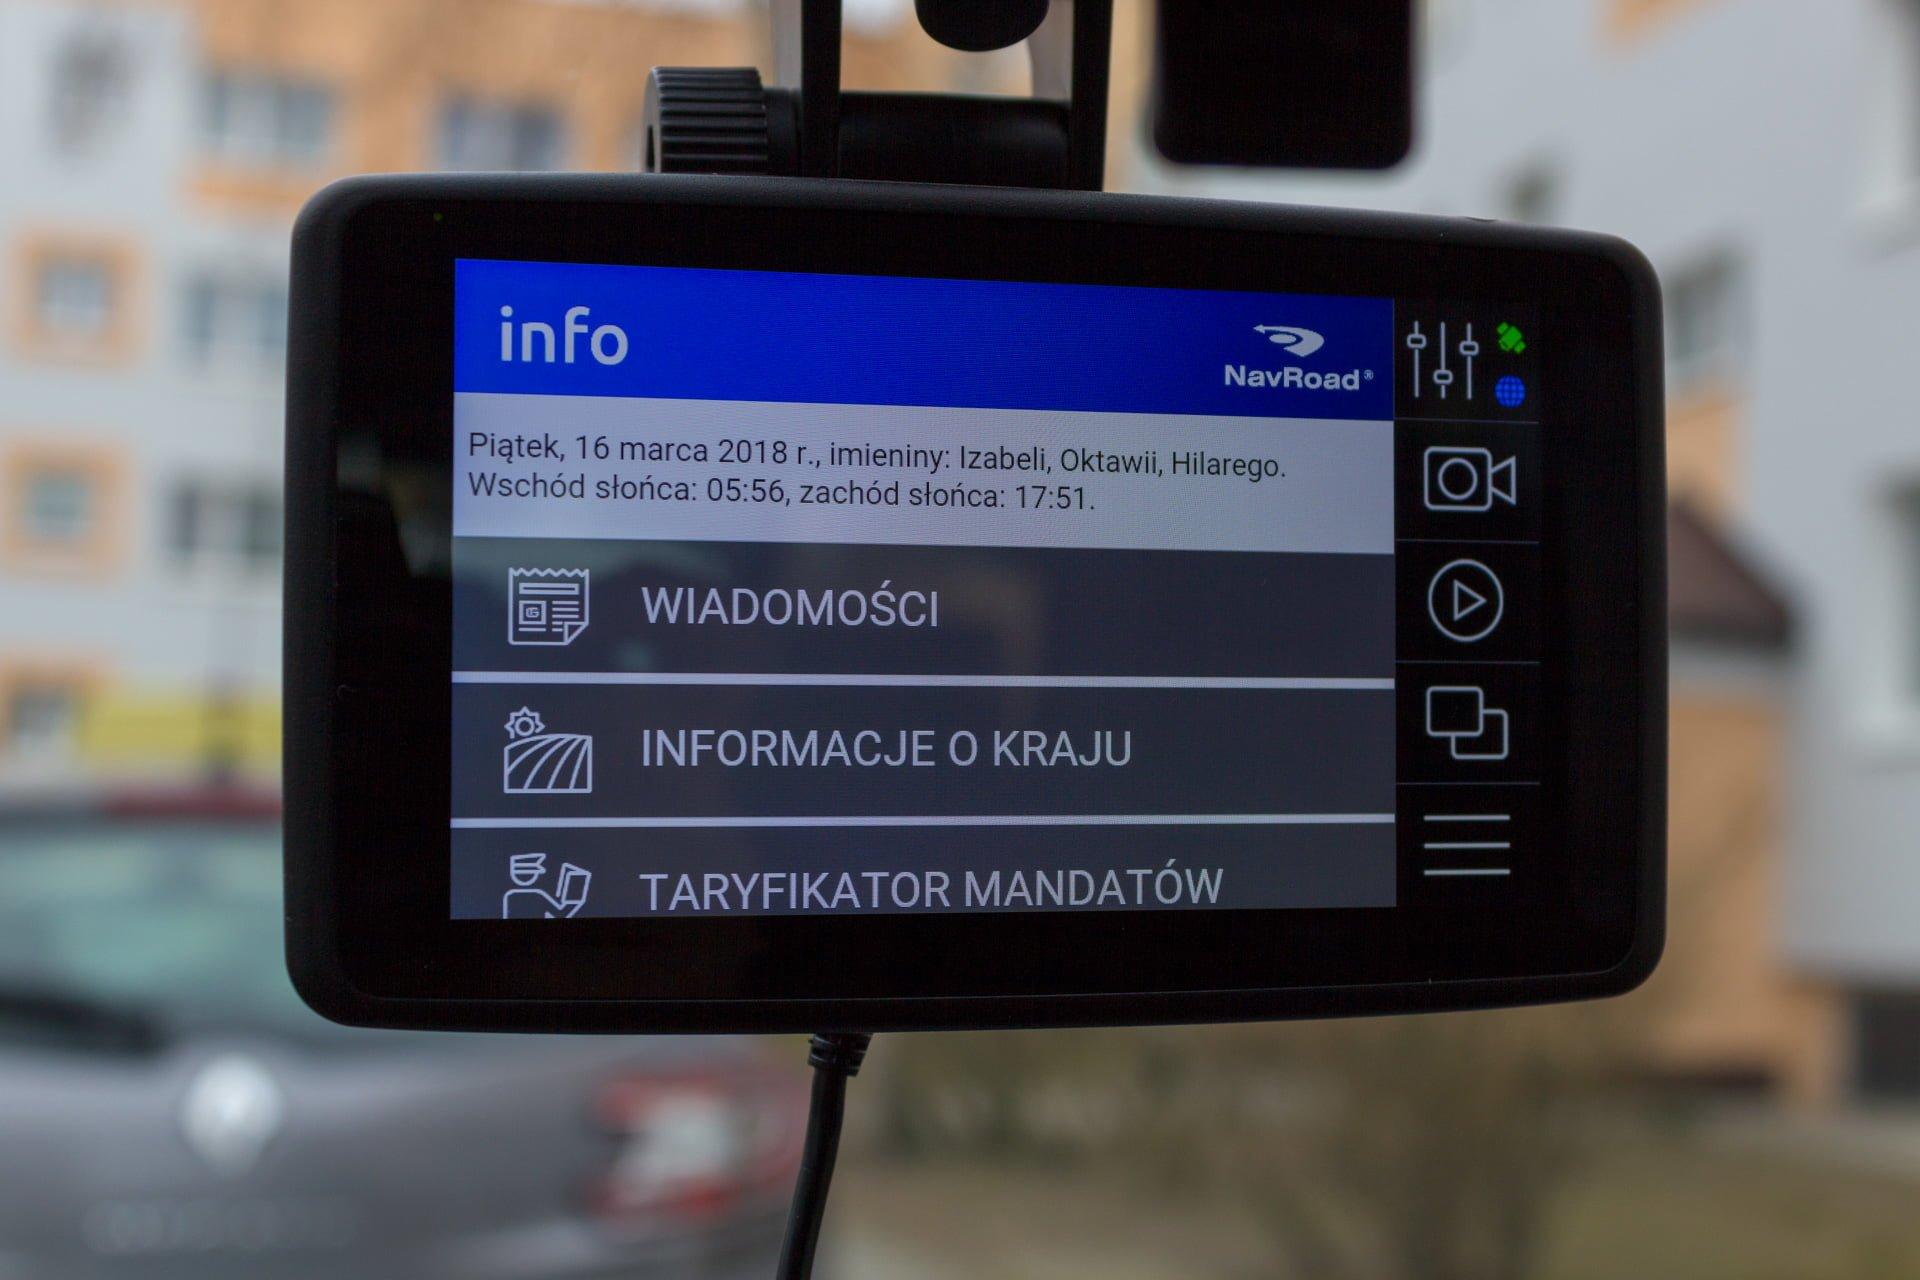 Recenzja NavRoad UNI, czyli co się stanie, gdy nawigacja spotka smartfona i kamerę 32